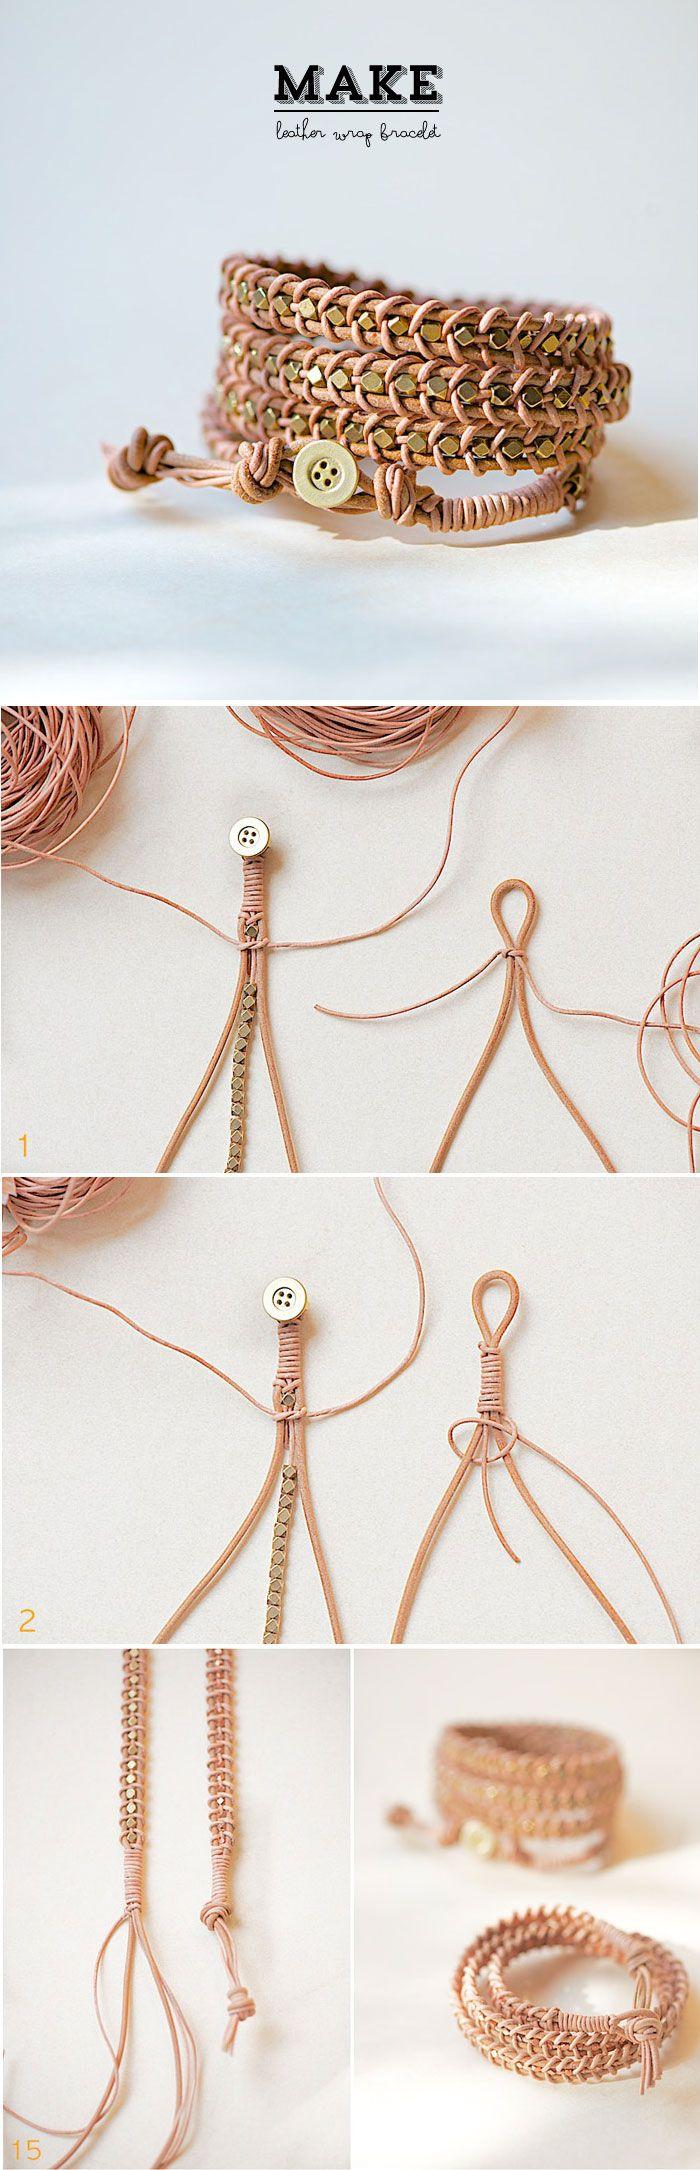 La Mercerie du Faubourg aime DIY bracelet !: